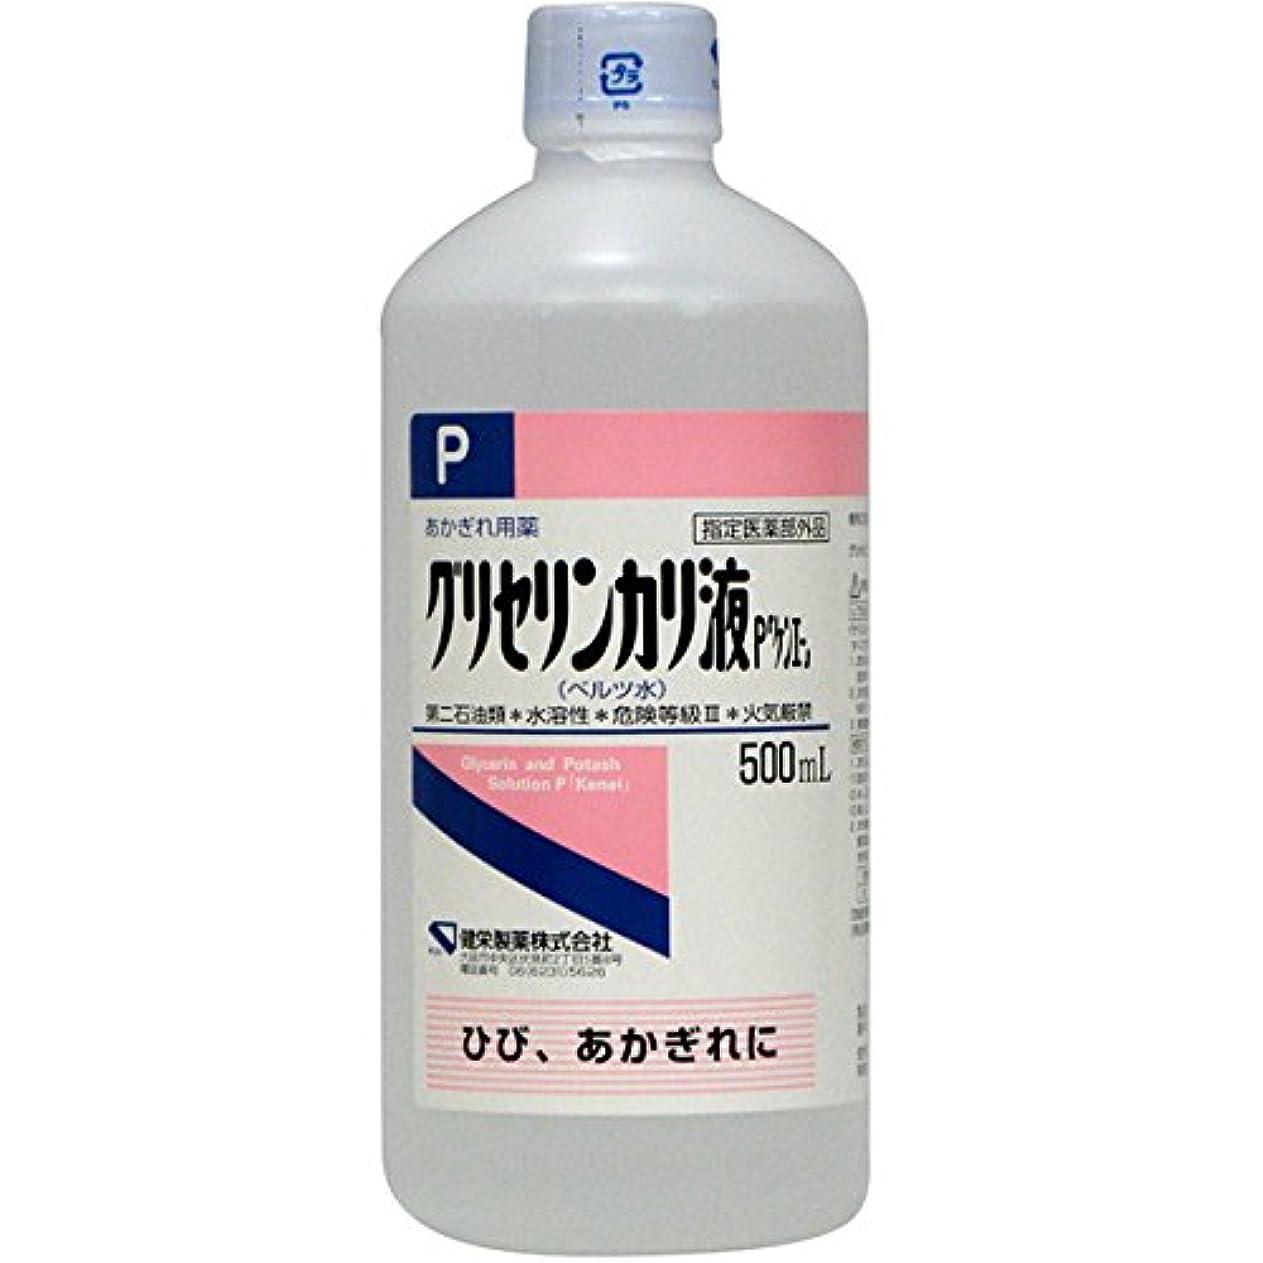 嵐コンテンツホラー健栄製薬 グリセリンカリ液 ベルツ水 500ml